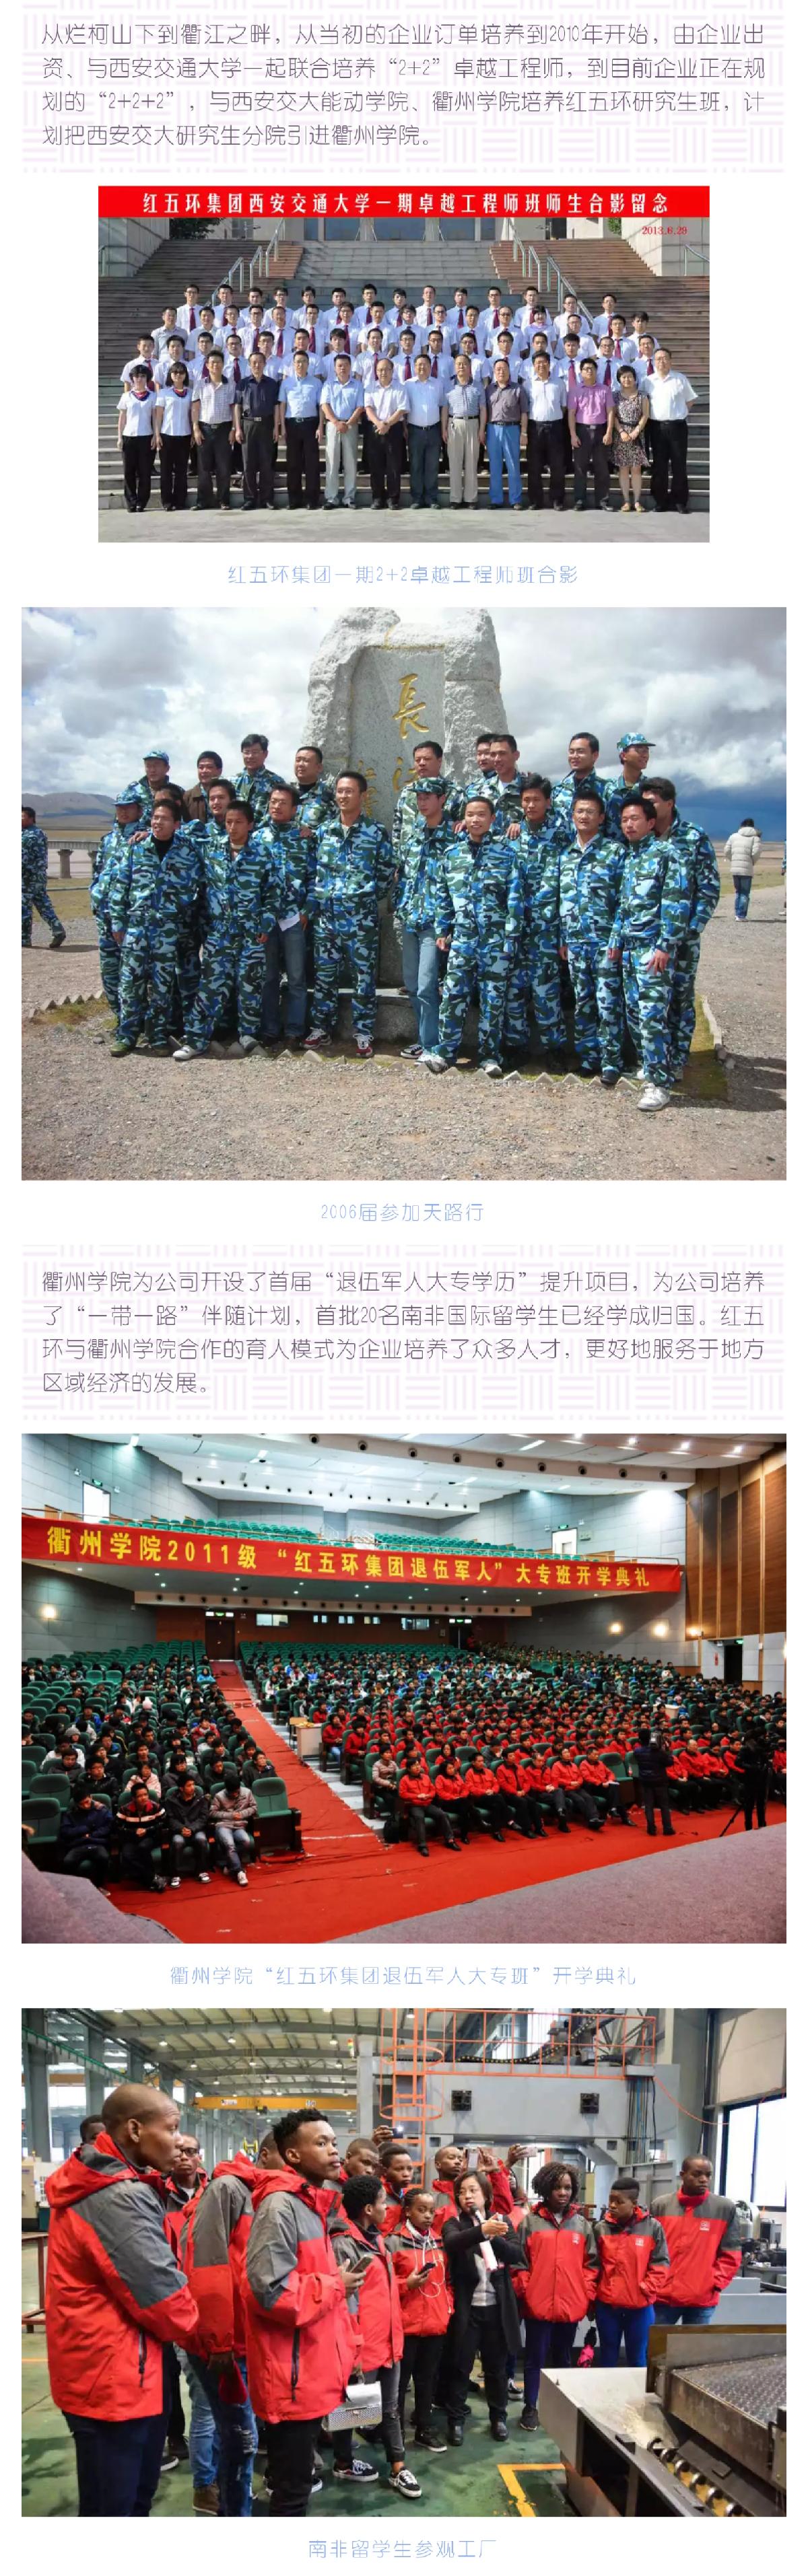 Screenshot_20191220_085134_com.tencent_04